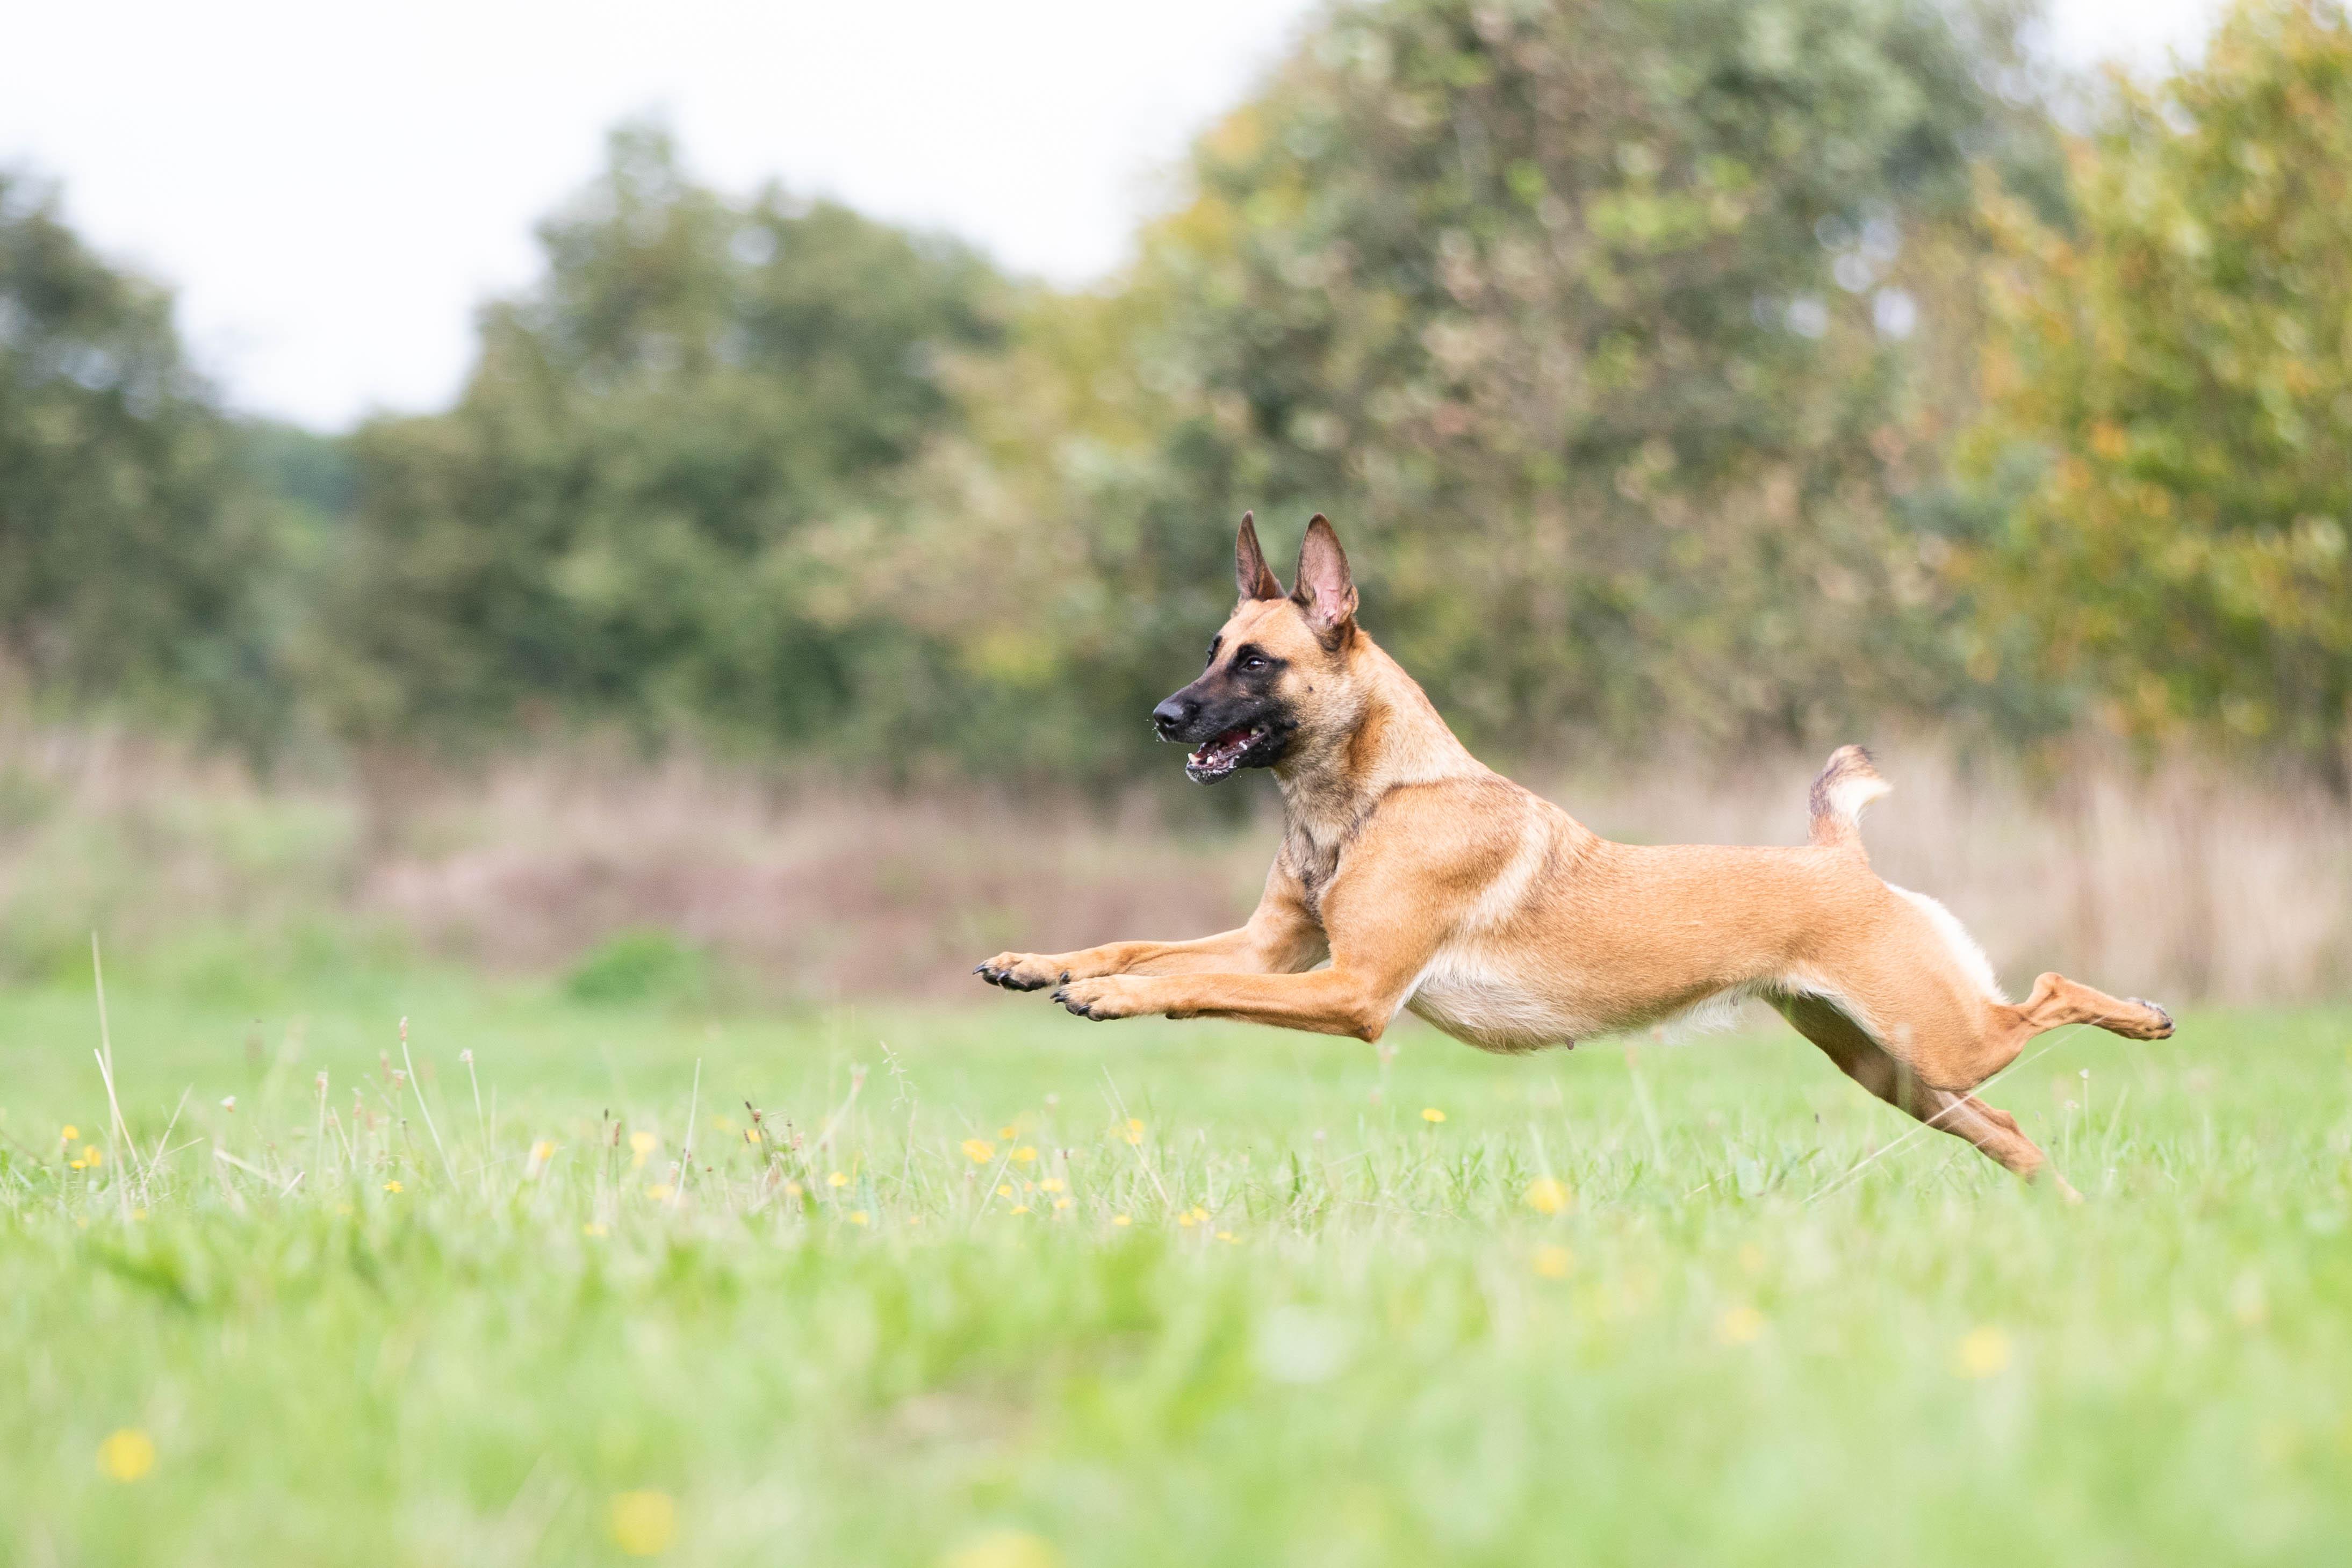 Marleen Verheul Fotografie, hondenfotografie, hondenfotograaf, Mechelse Herder rent in het gras